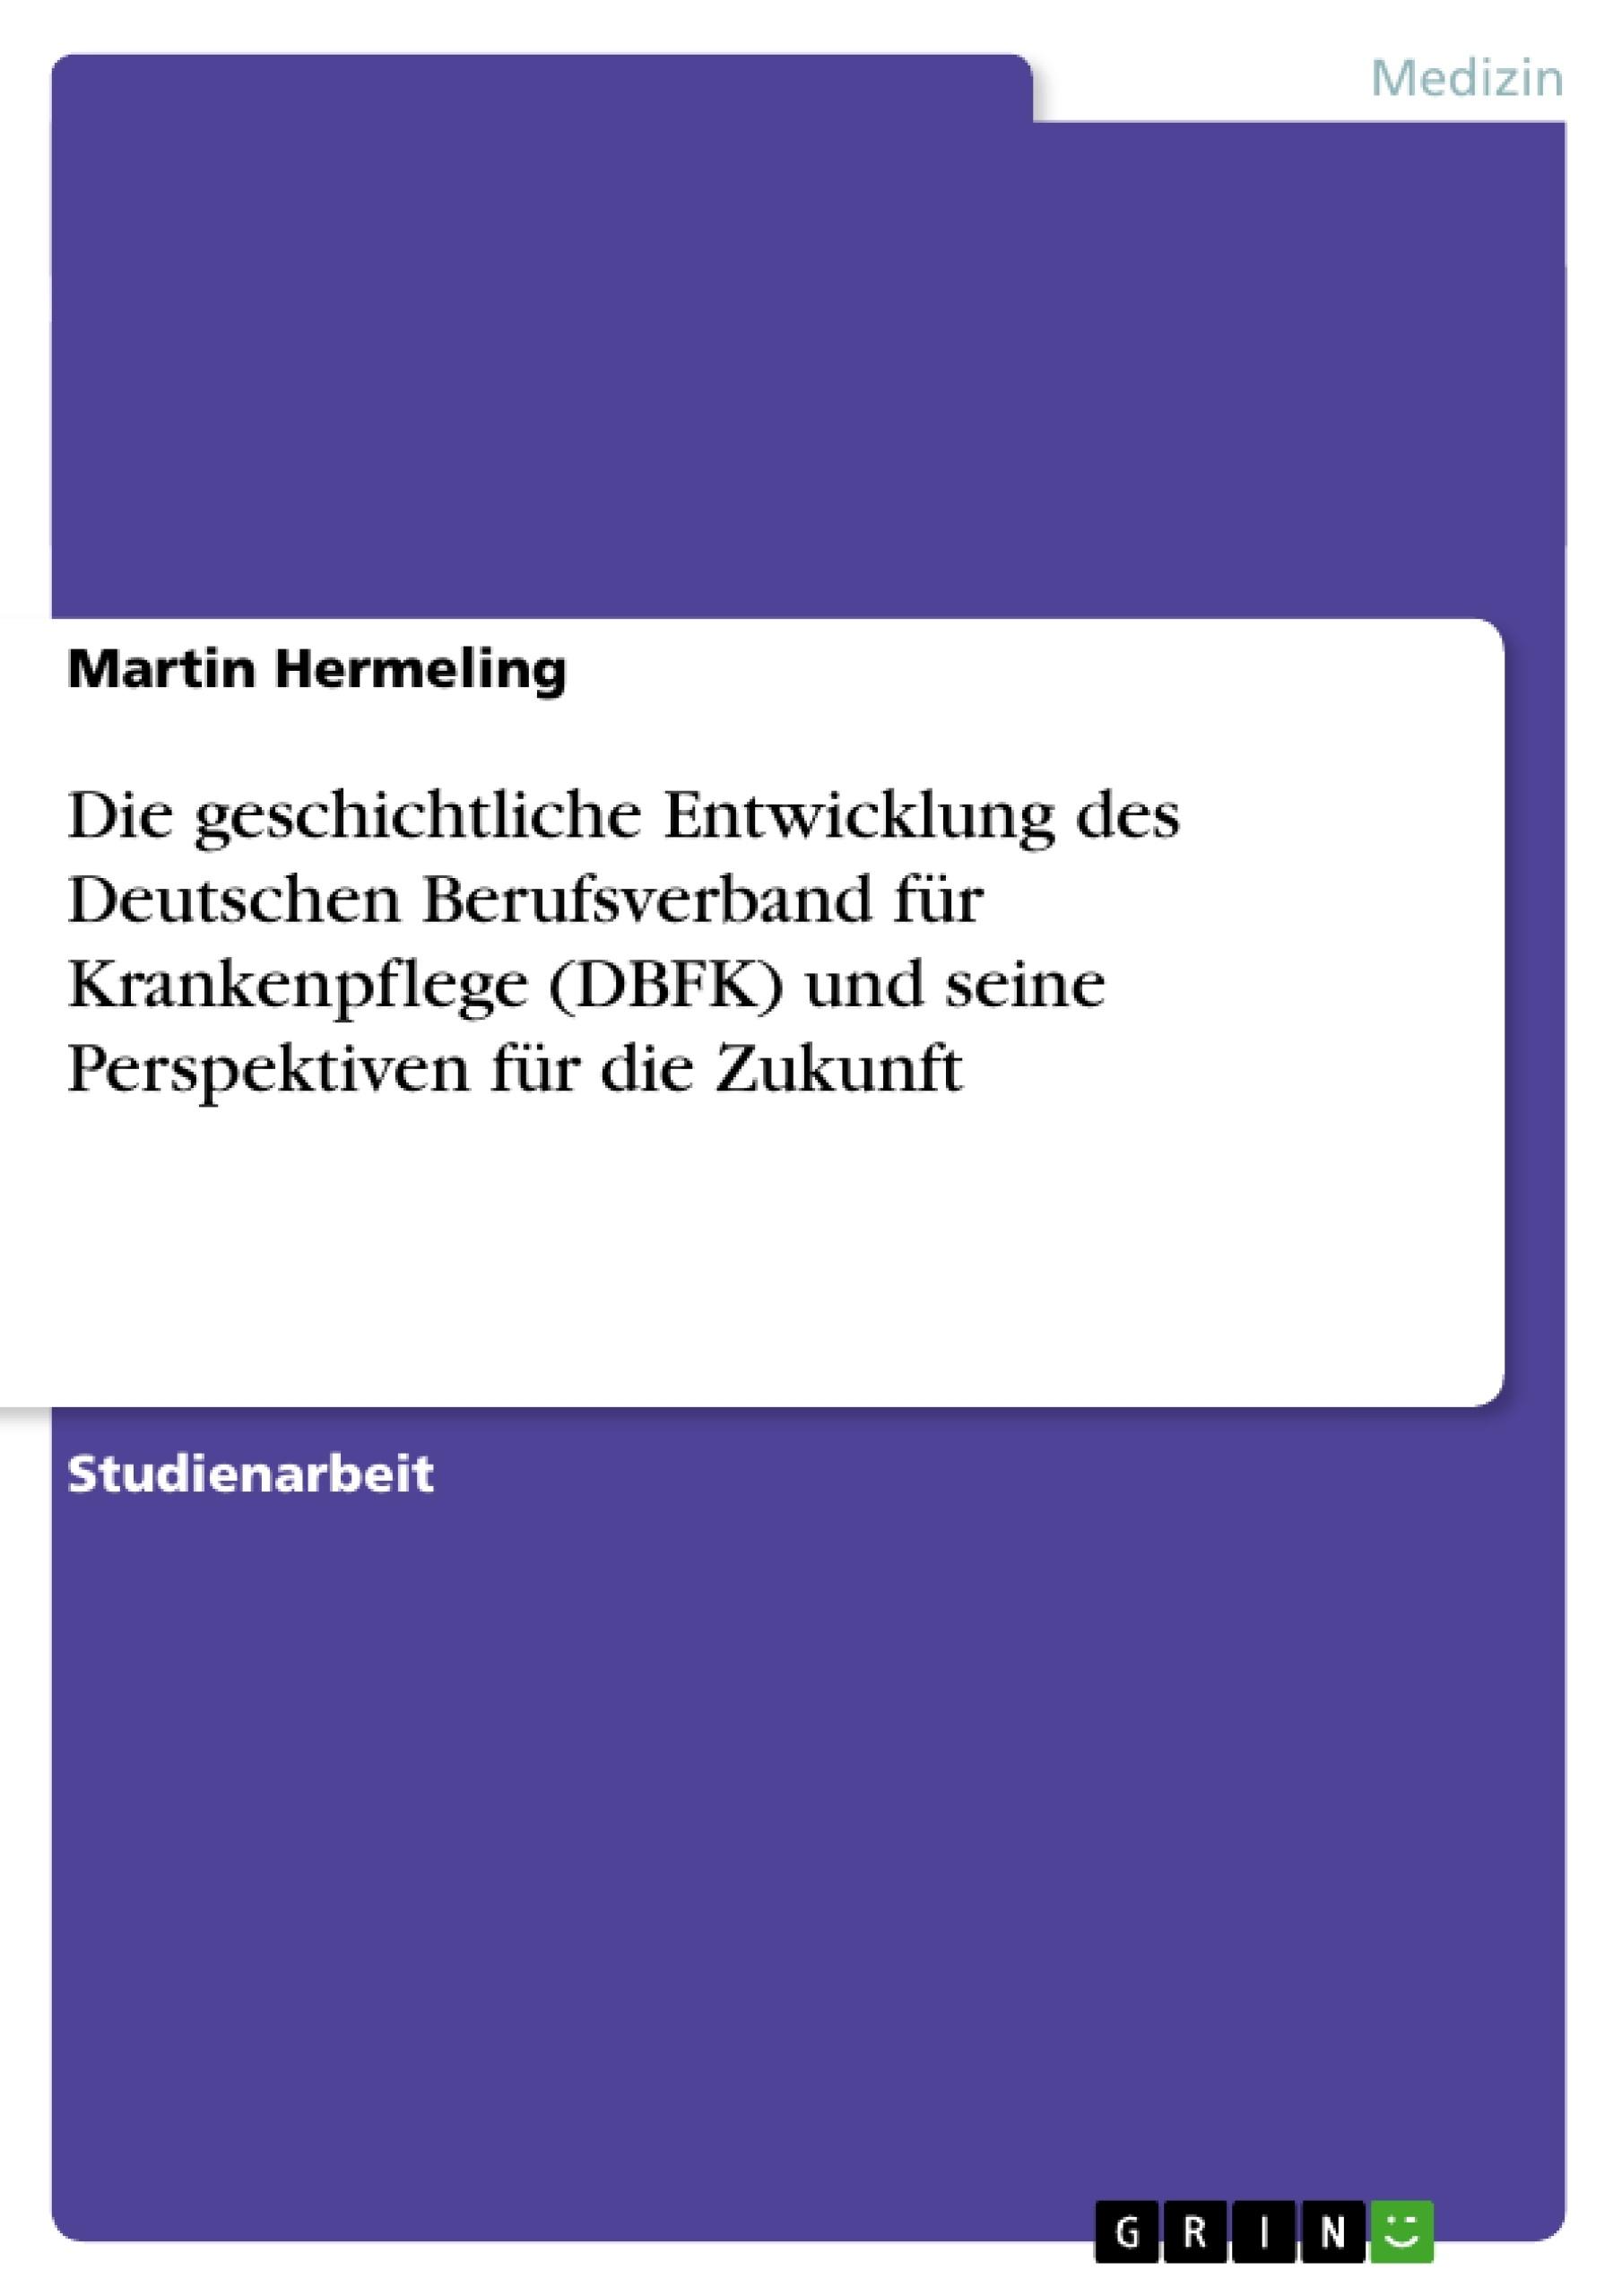 Titel: Die geschichtliche Entwicklung des Deutschen Berufsverband für Krankenpflege (DBFK) und seine Perspektiven für die Zukunft